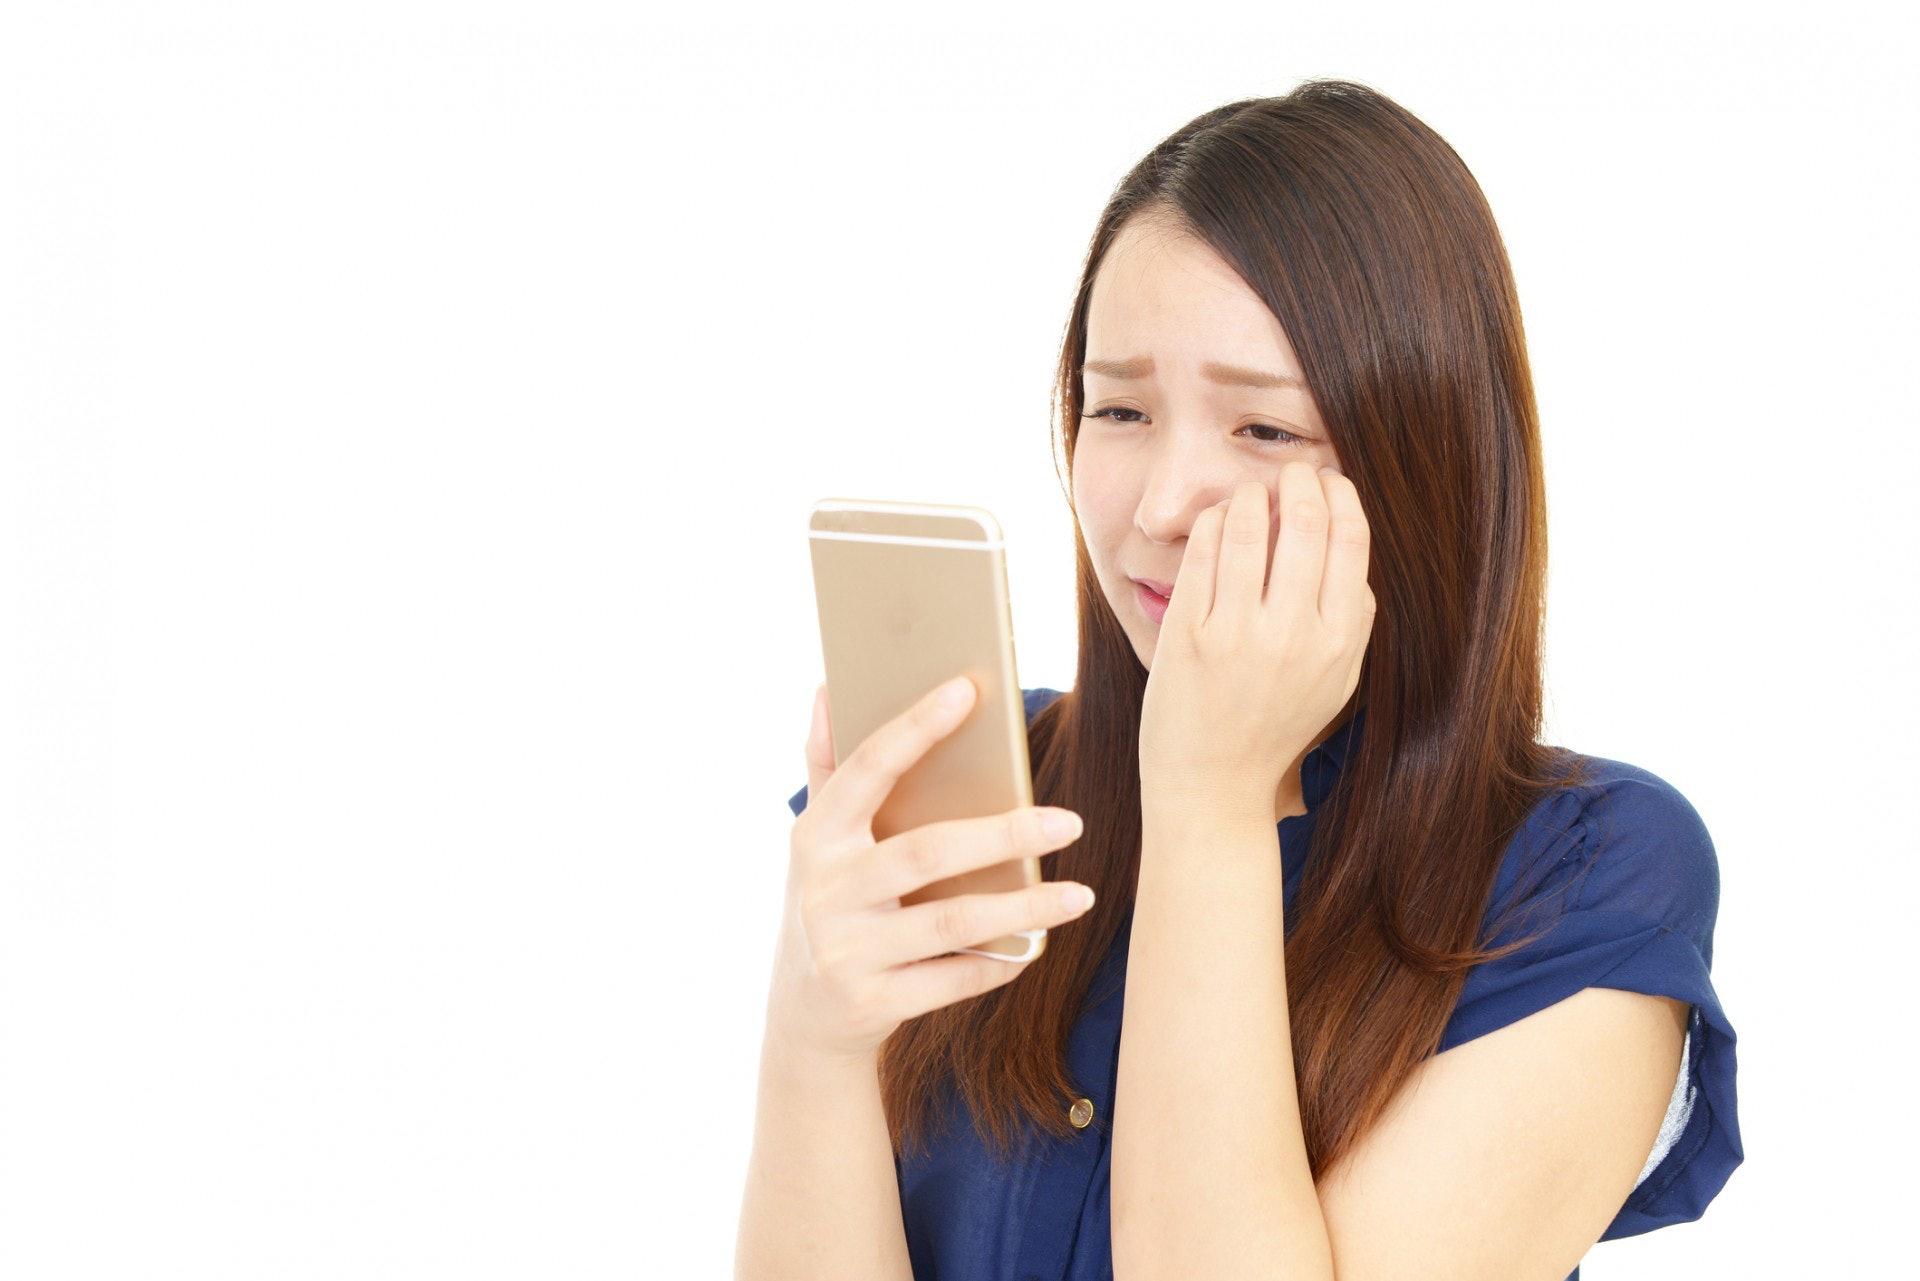 如果一個震動、一聲提醒,都會讓你感到焦躁不安,想要立刻點開手機回覆,那麼請試著關掉你的手機提醒吧!(Gettyimages/視覺中國)